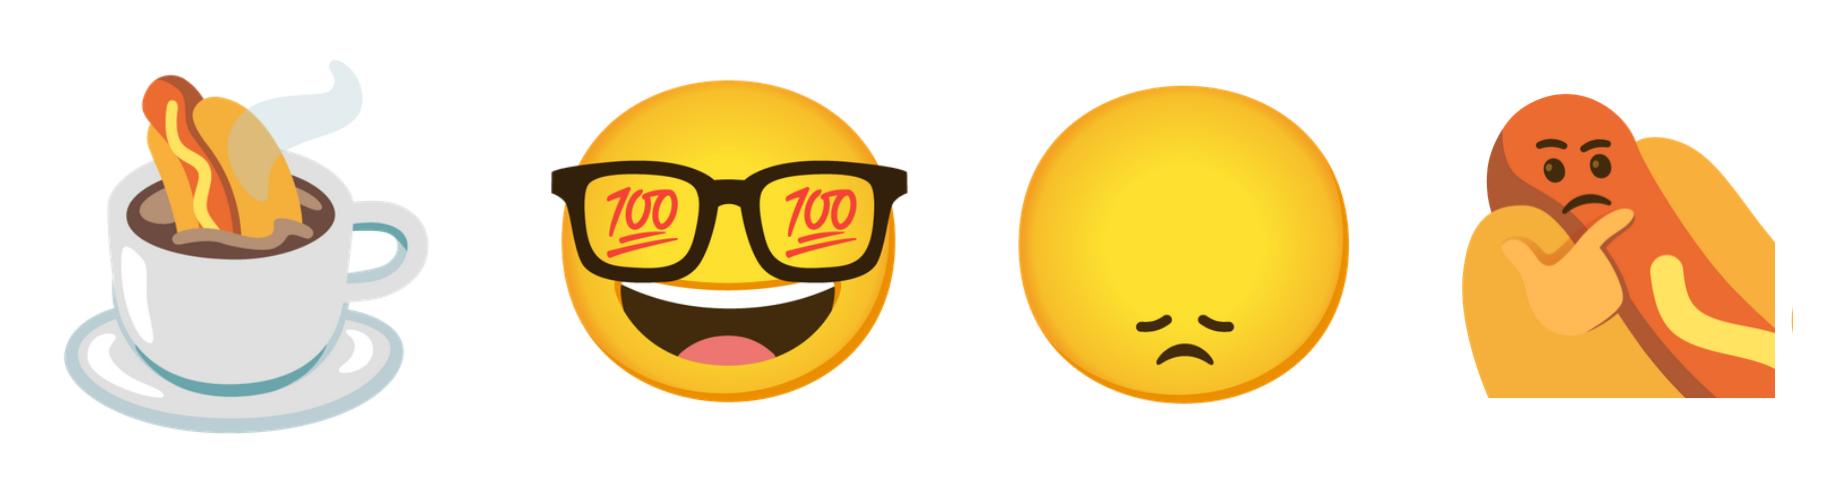 Weird emoji stickers